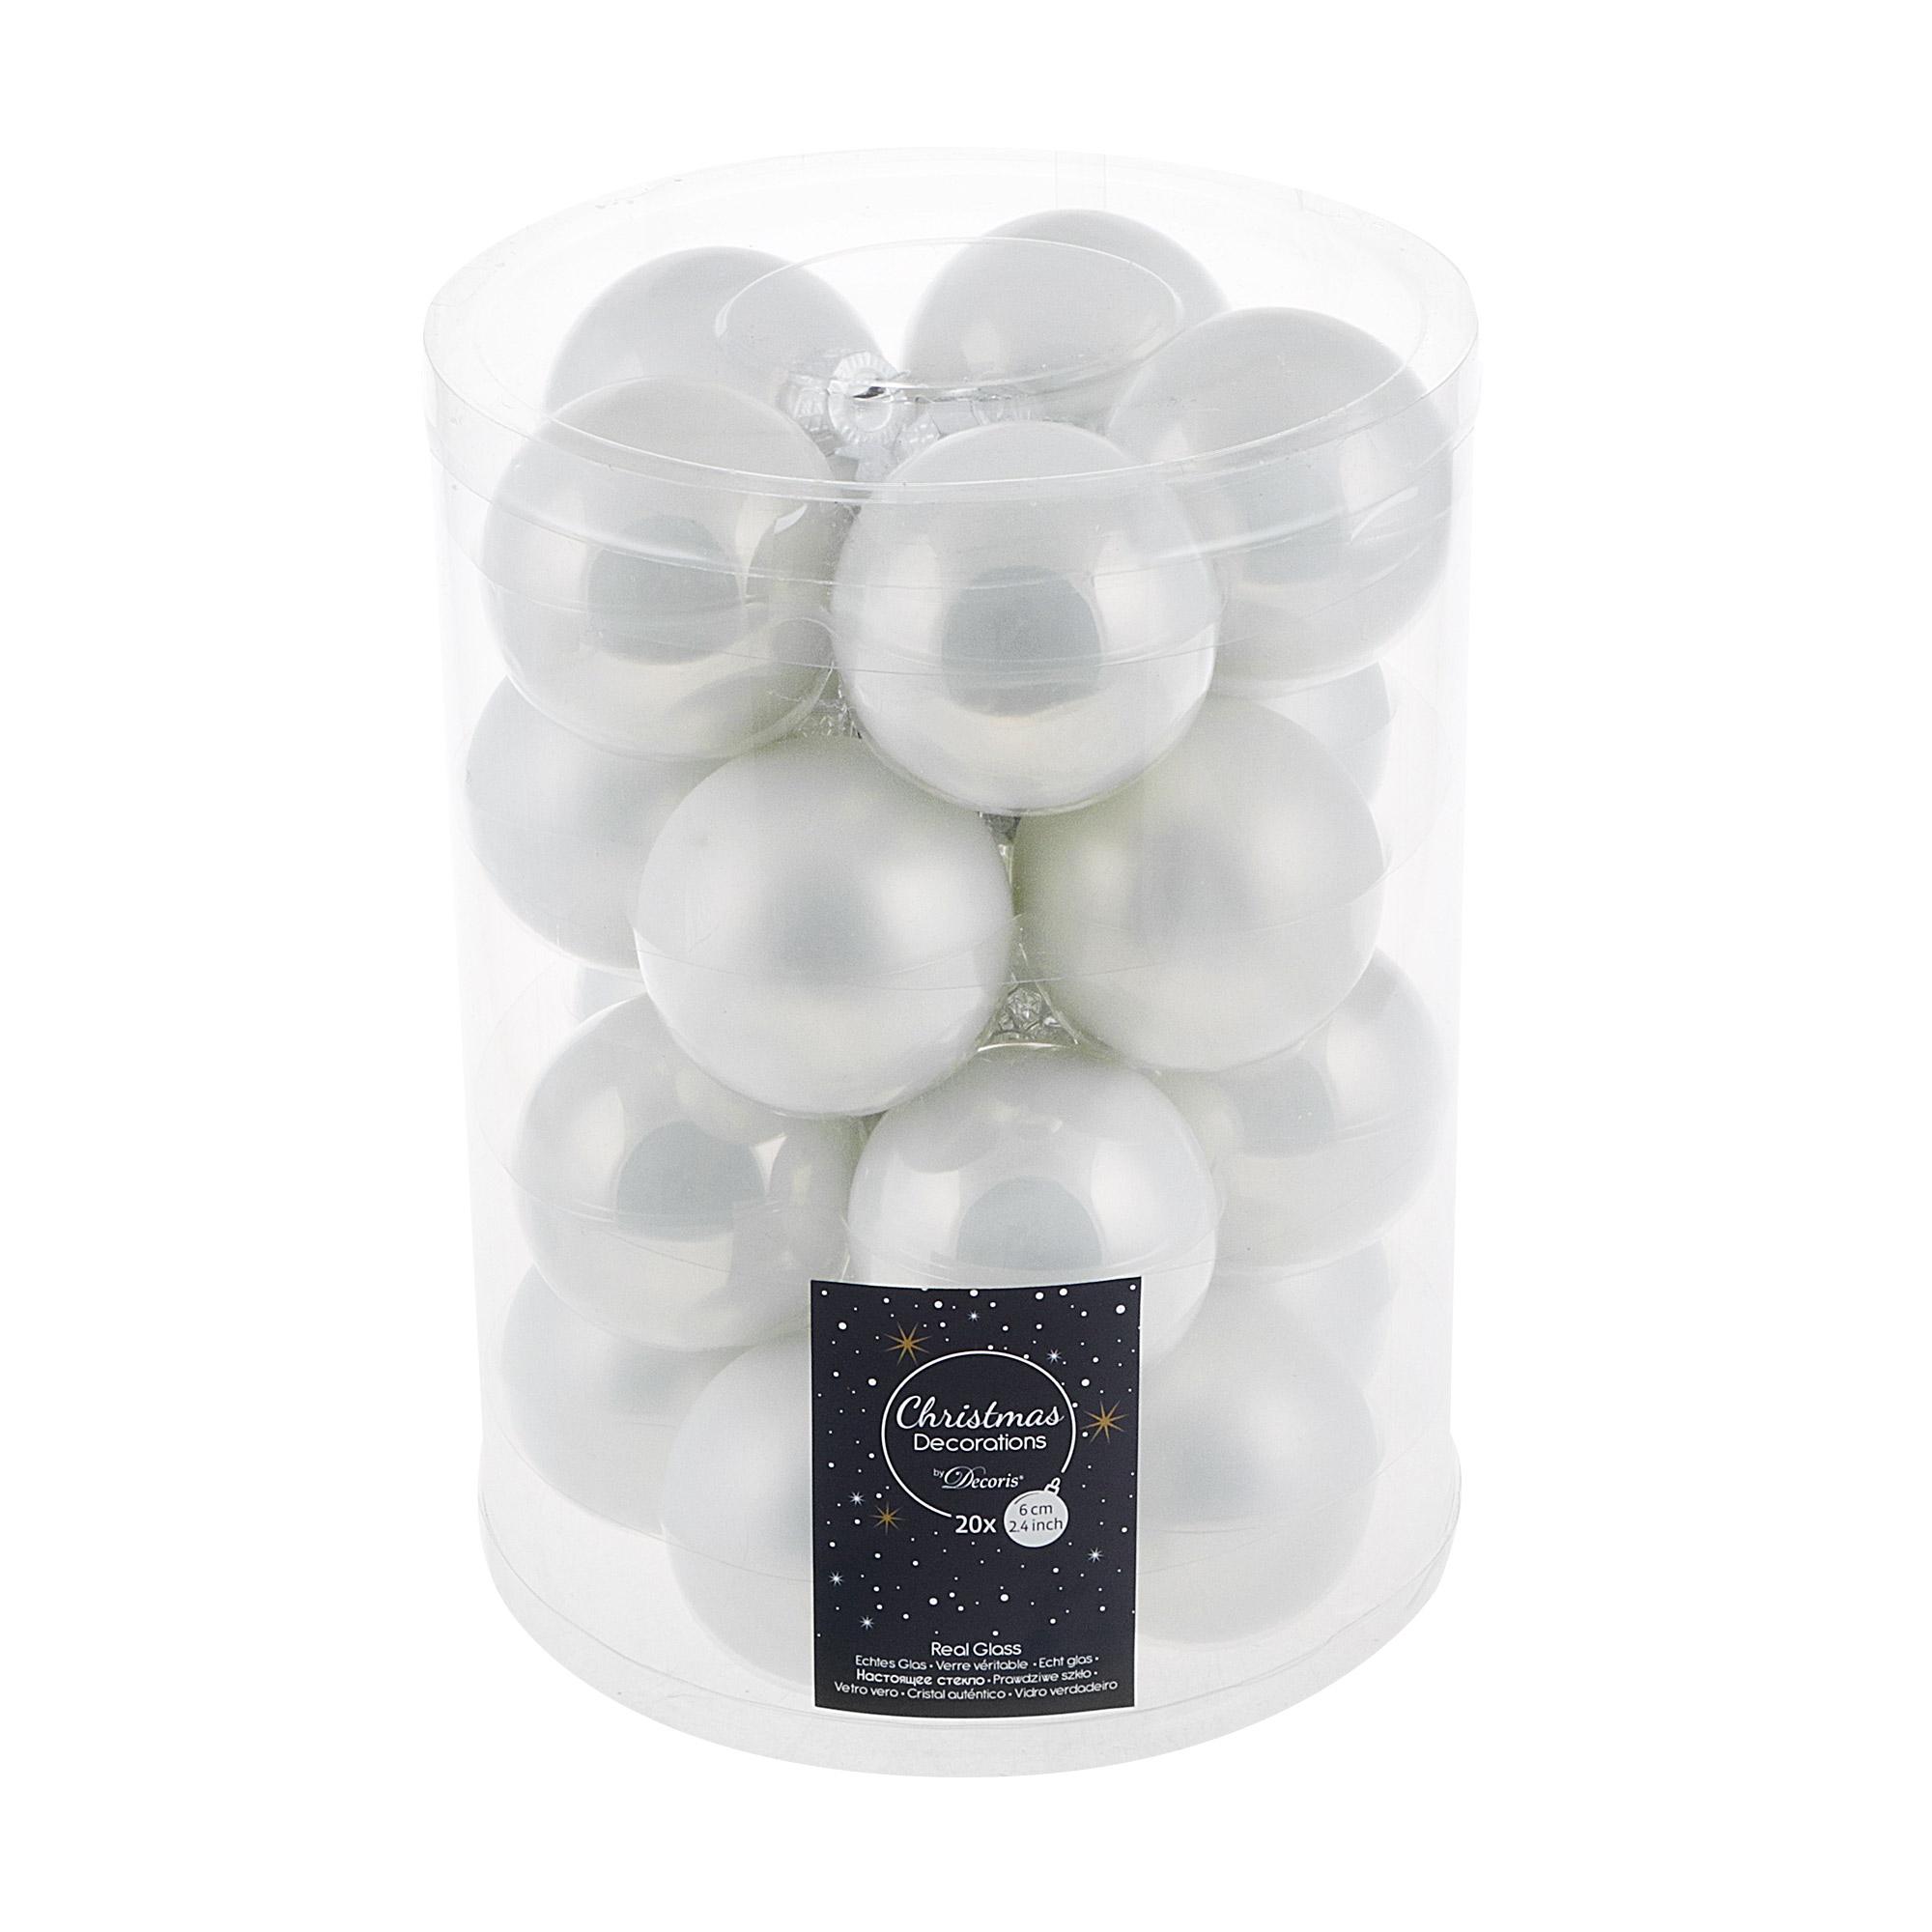 Набор шаров на елку Kaemingk 6см 20шт белые набор шаров snowmen 32шт шар 6см х 20шт сосулька 15см х 4см мишура 270см х 2шт подарок 5 5см х 6шт